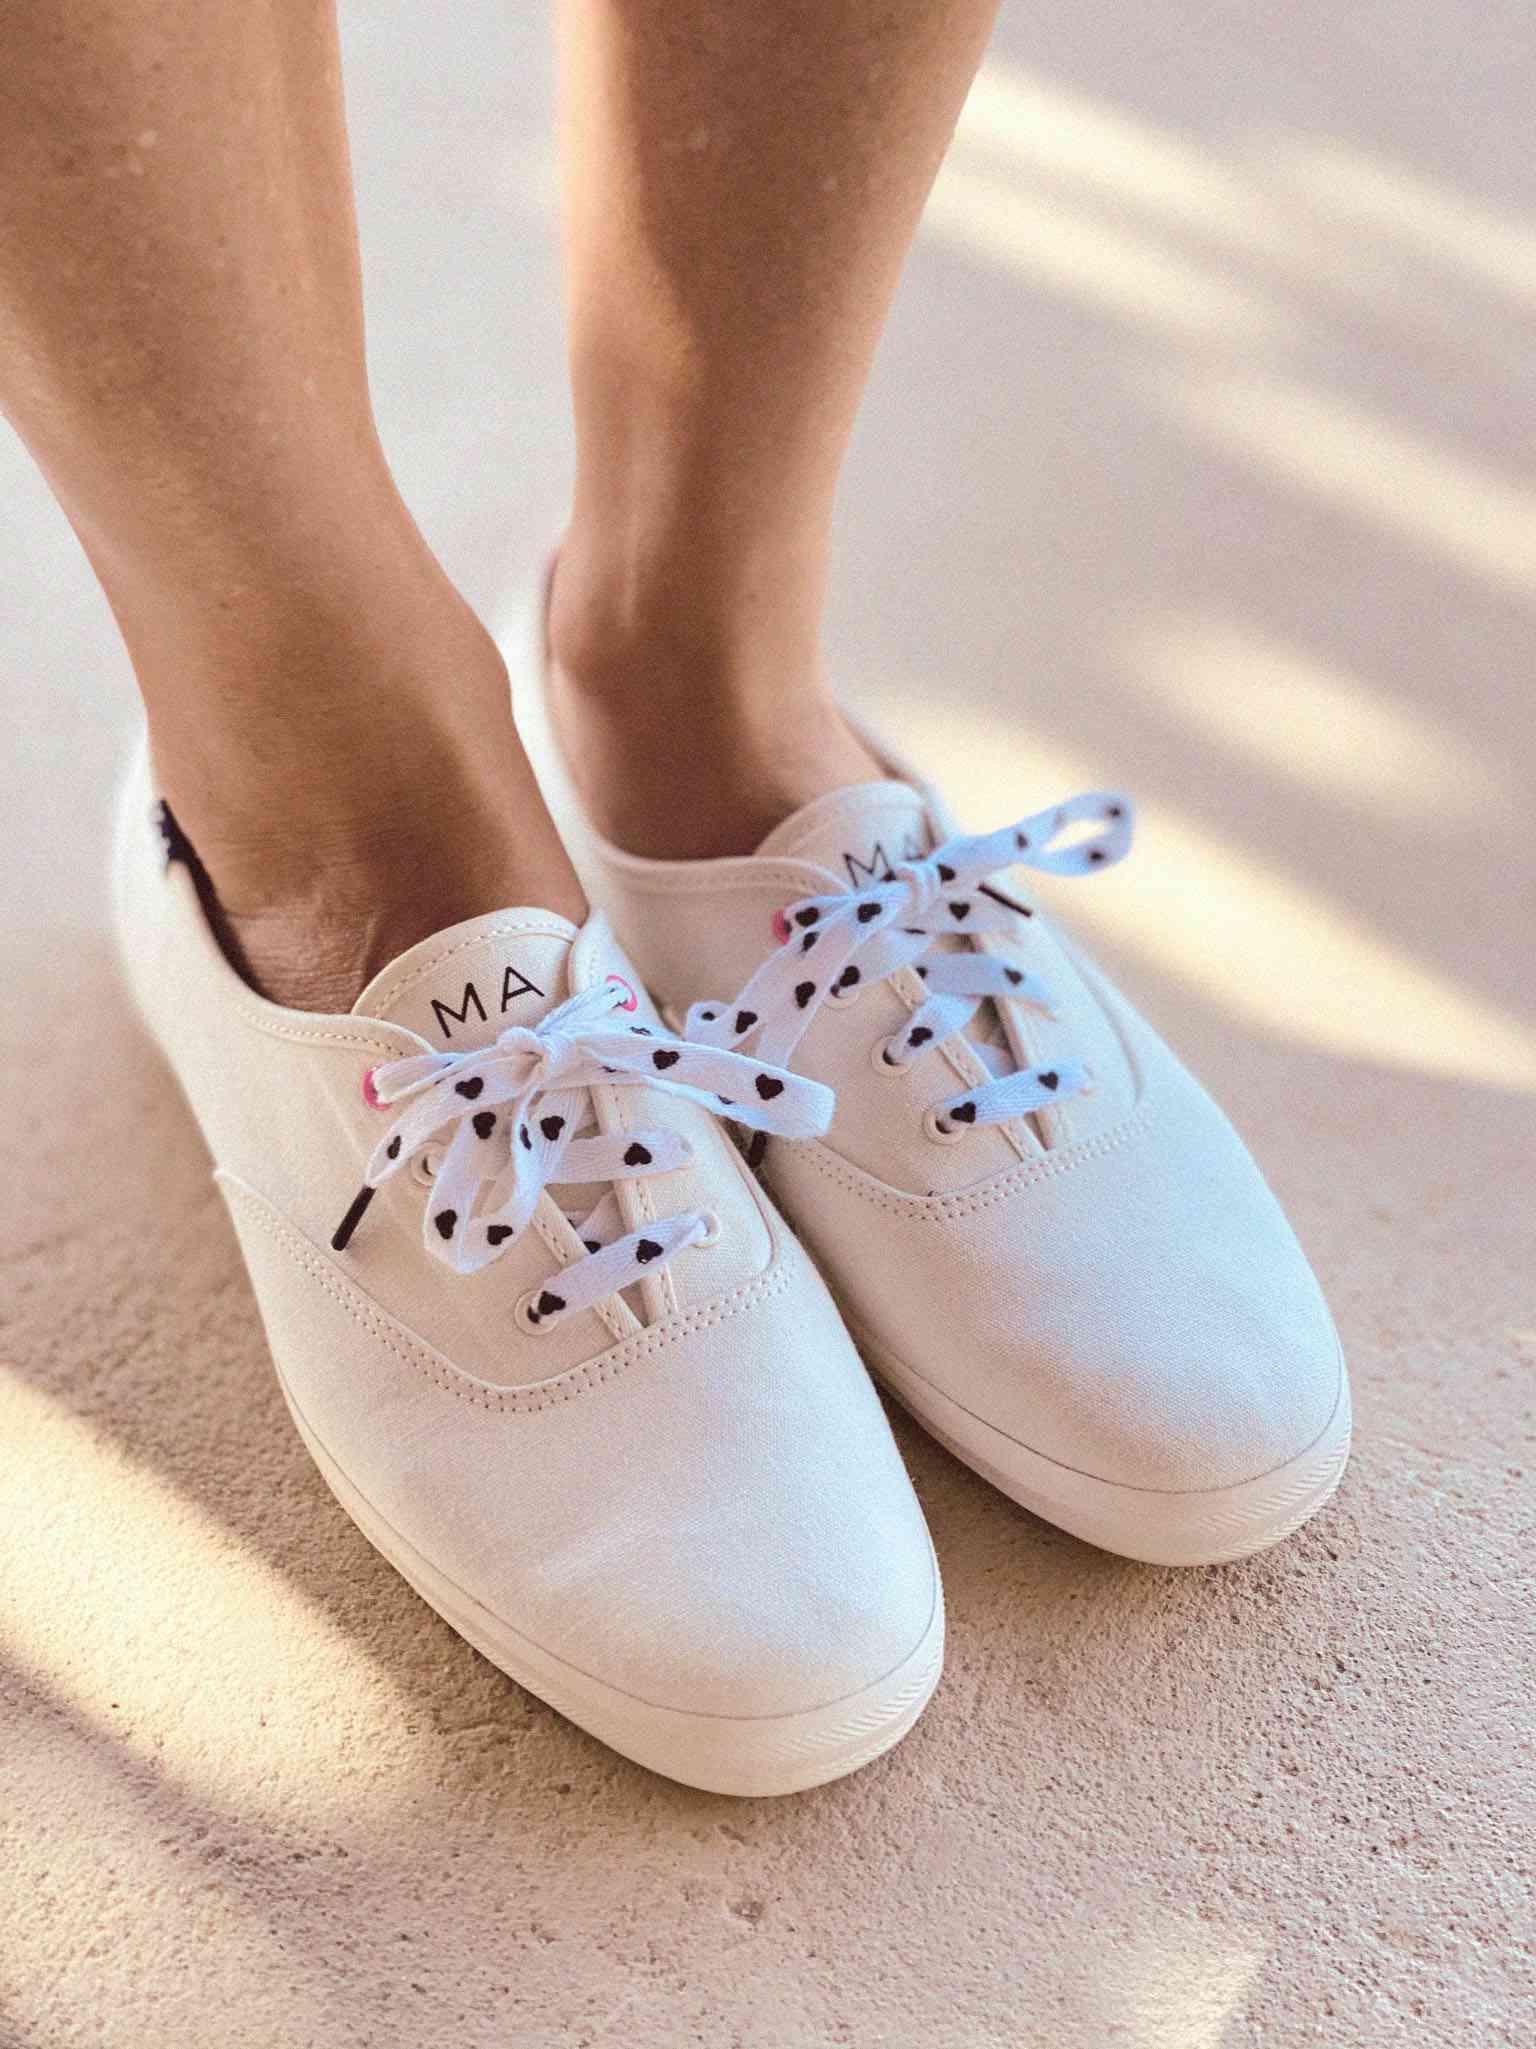 woman wearing Keds x HATCH sneakers